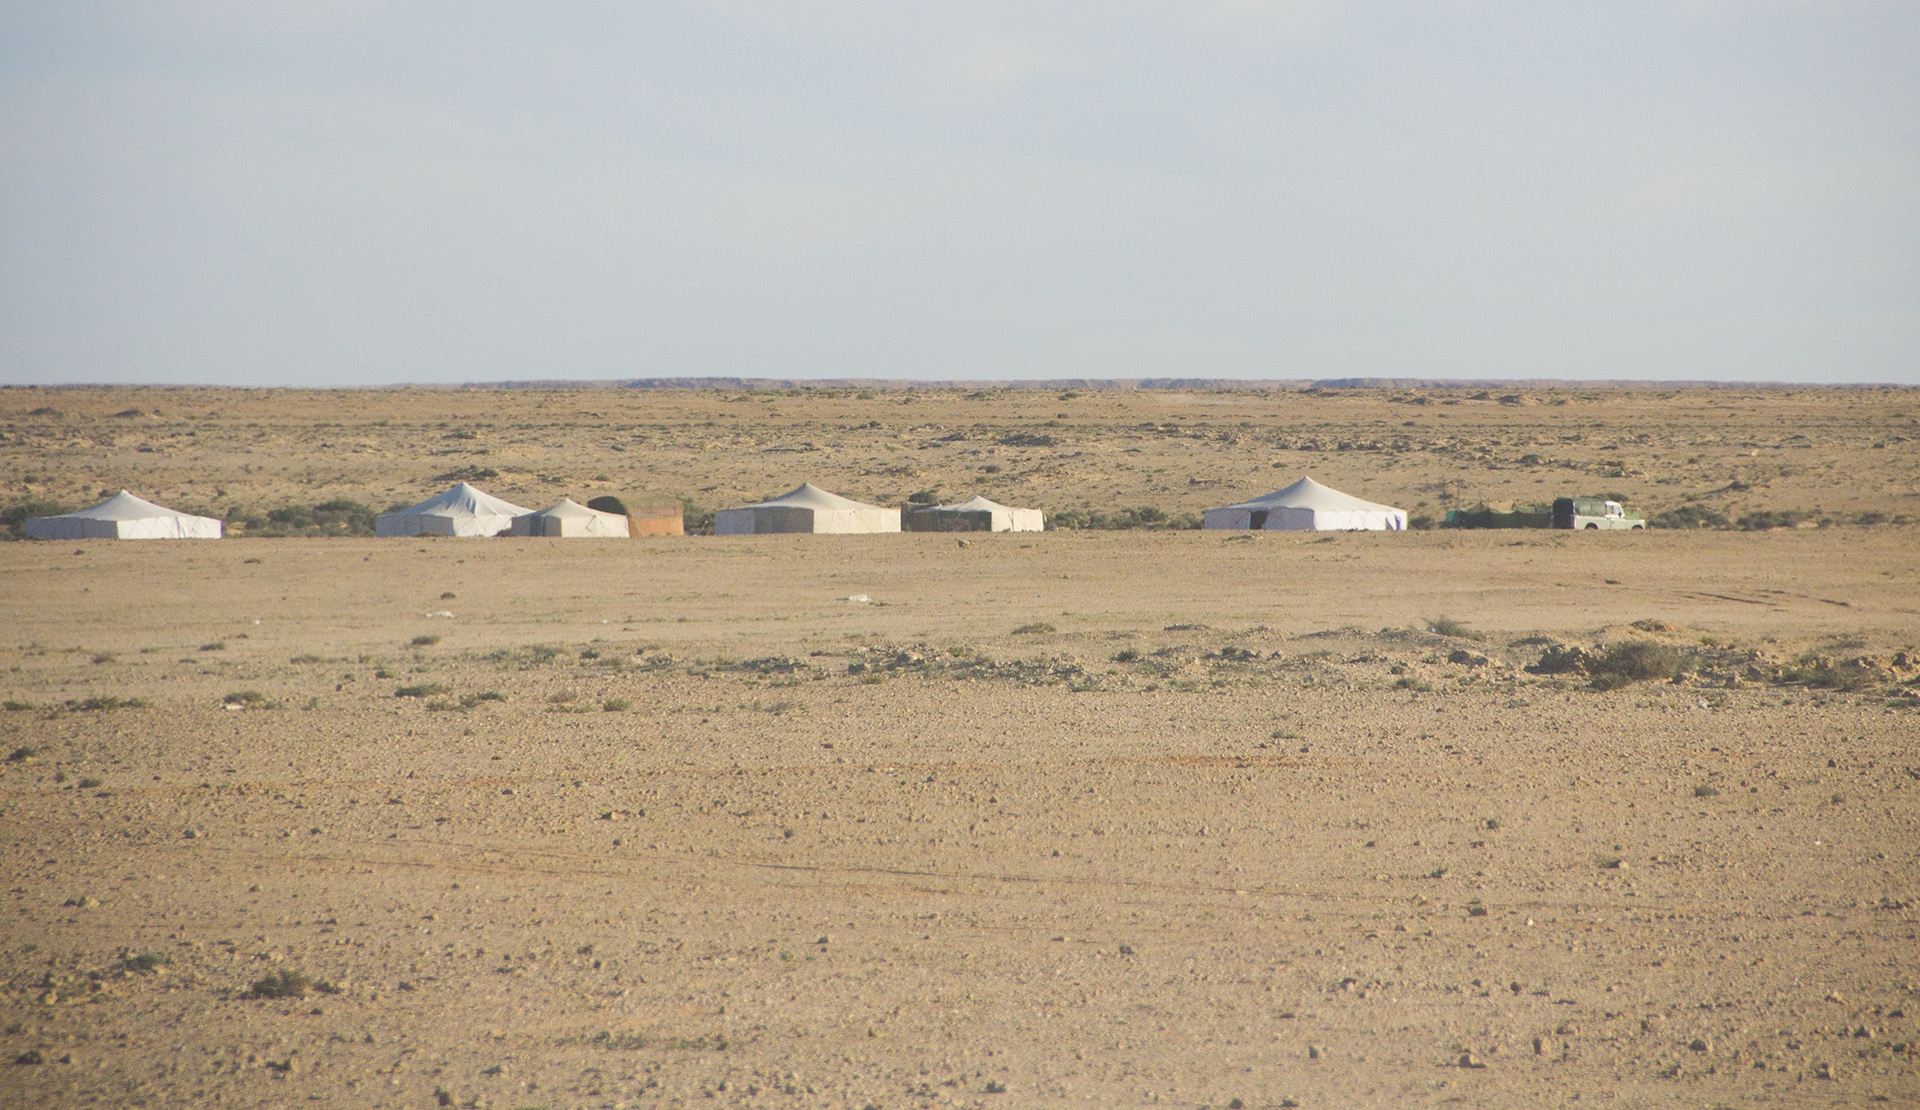 marruecos pablocaminante - Marruecos 2/3, Sahara Occidental